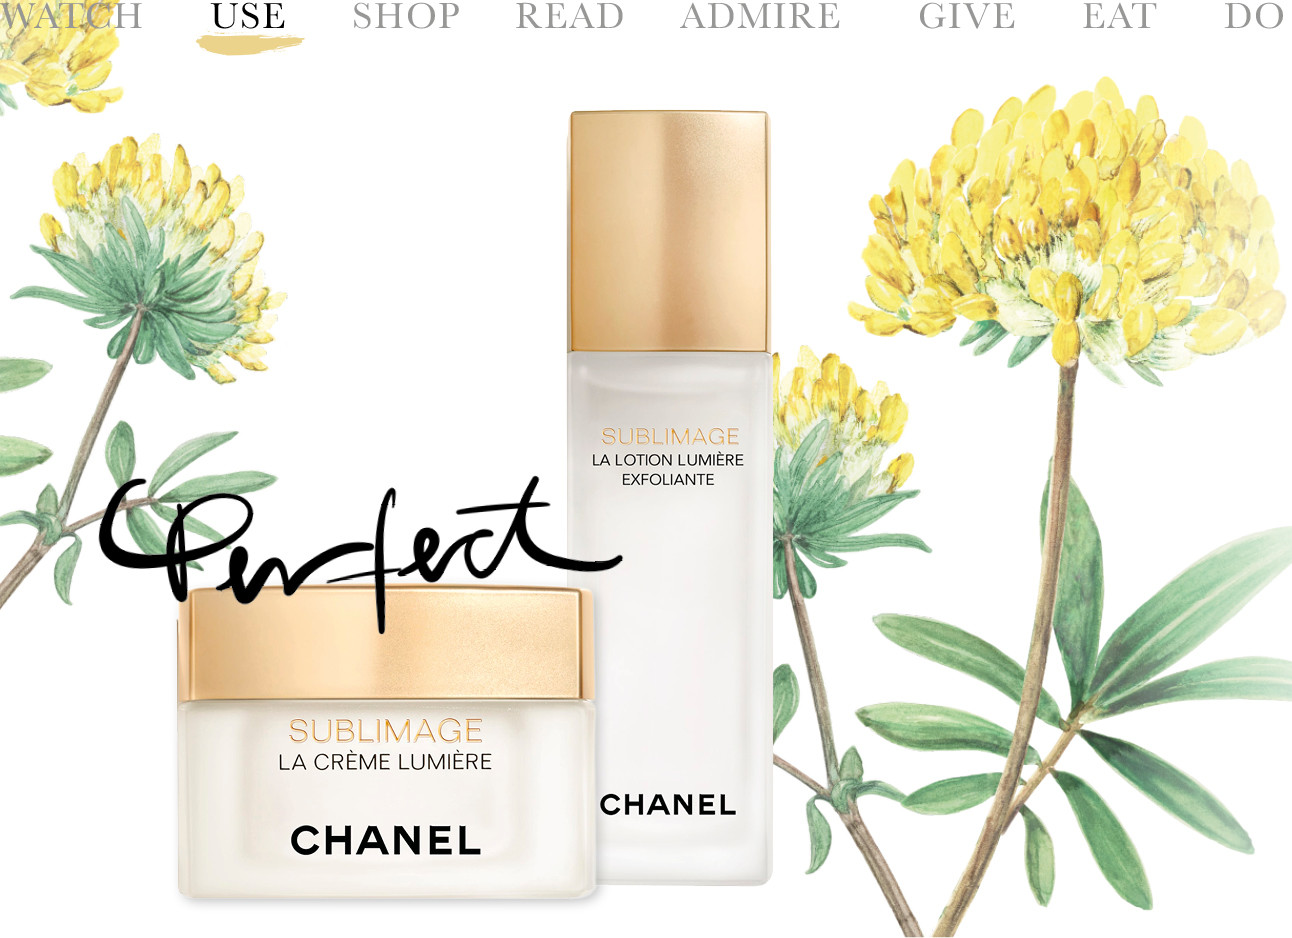 Sublimage-lijn van Chanel creme en lotion today we use